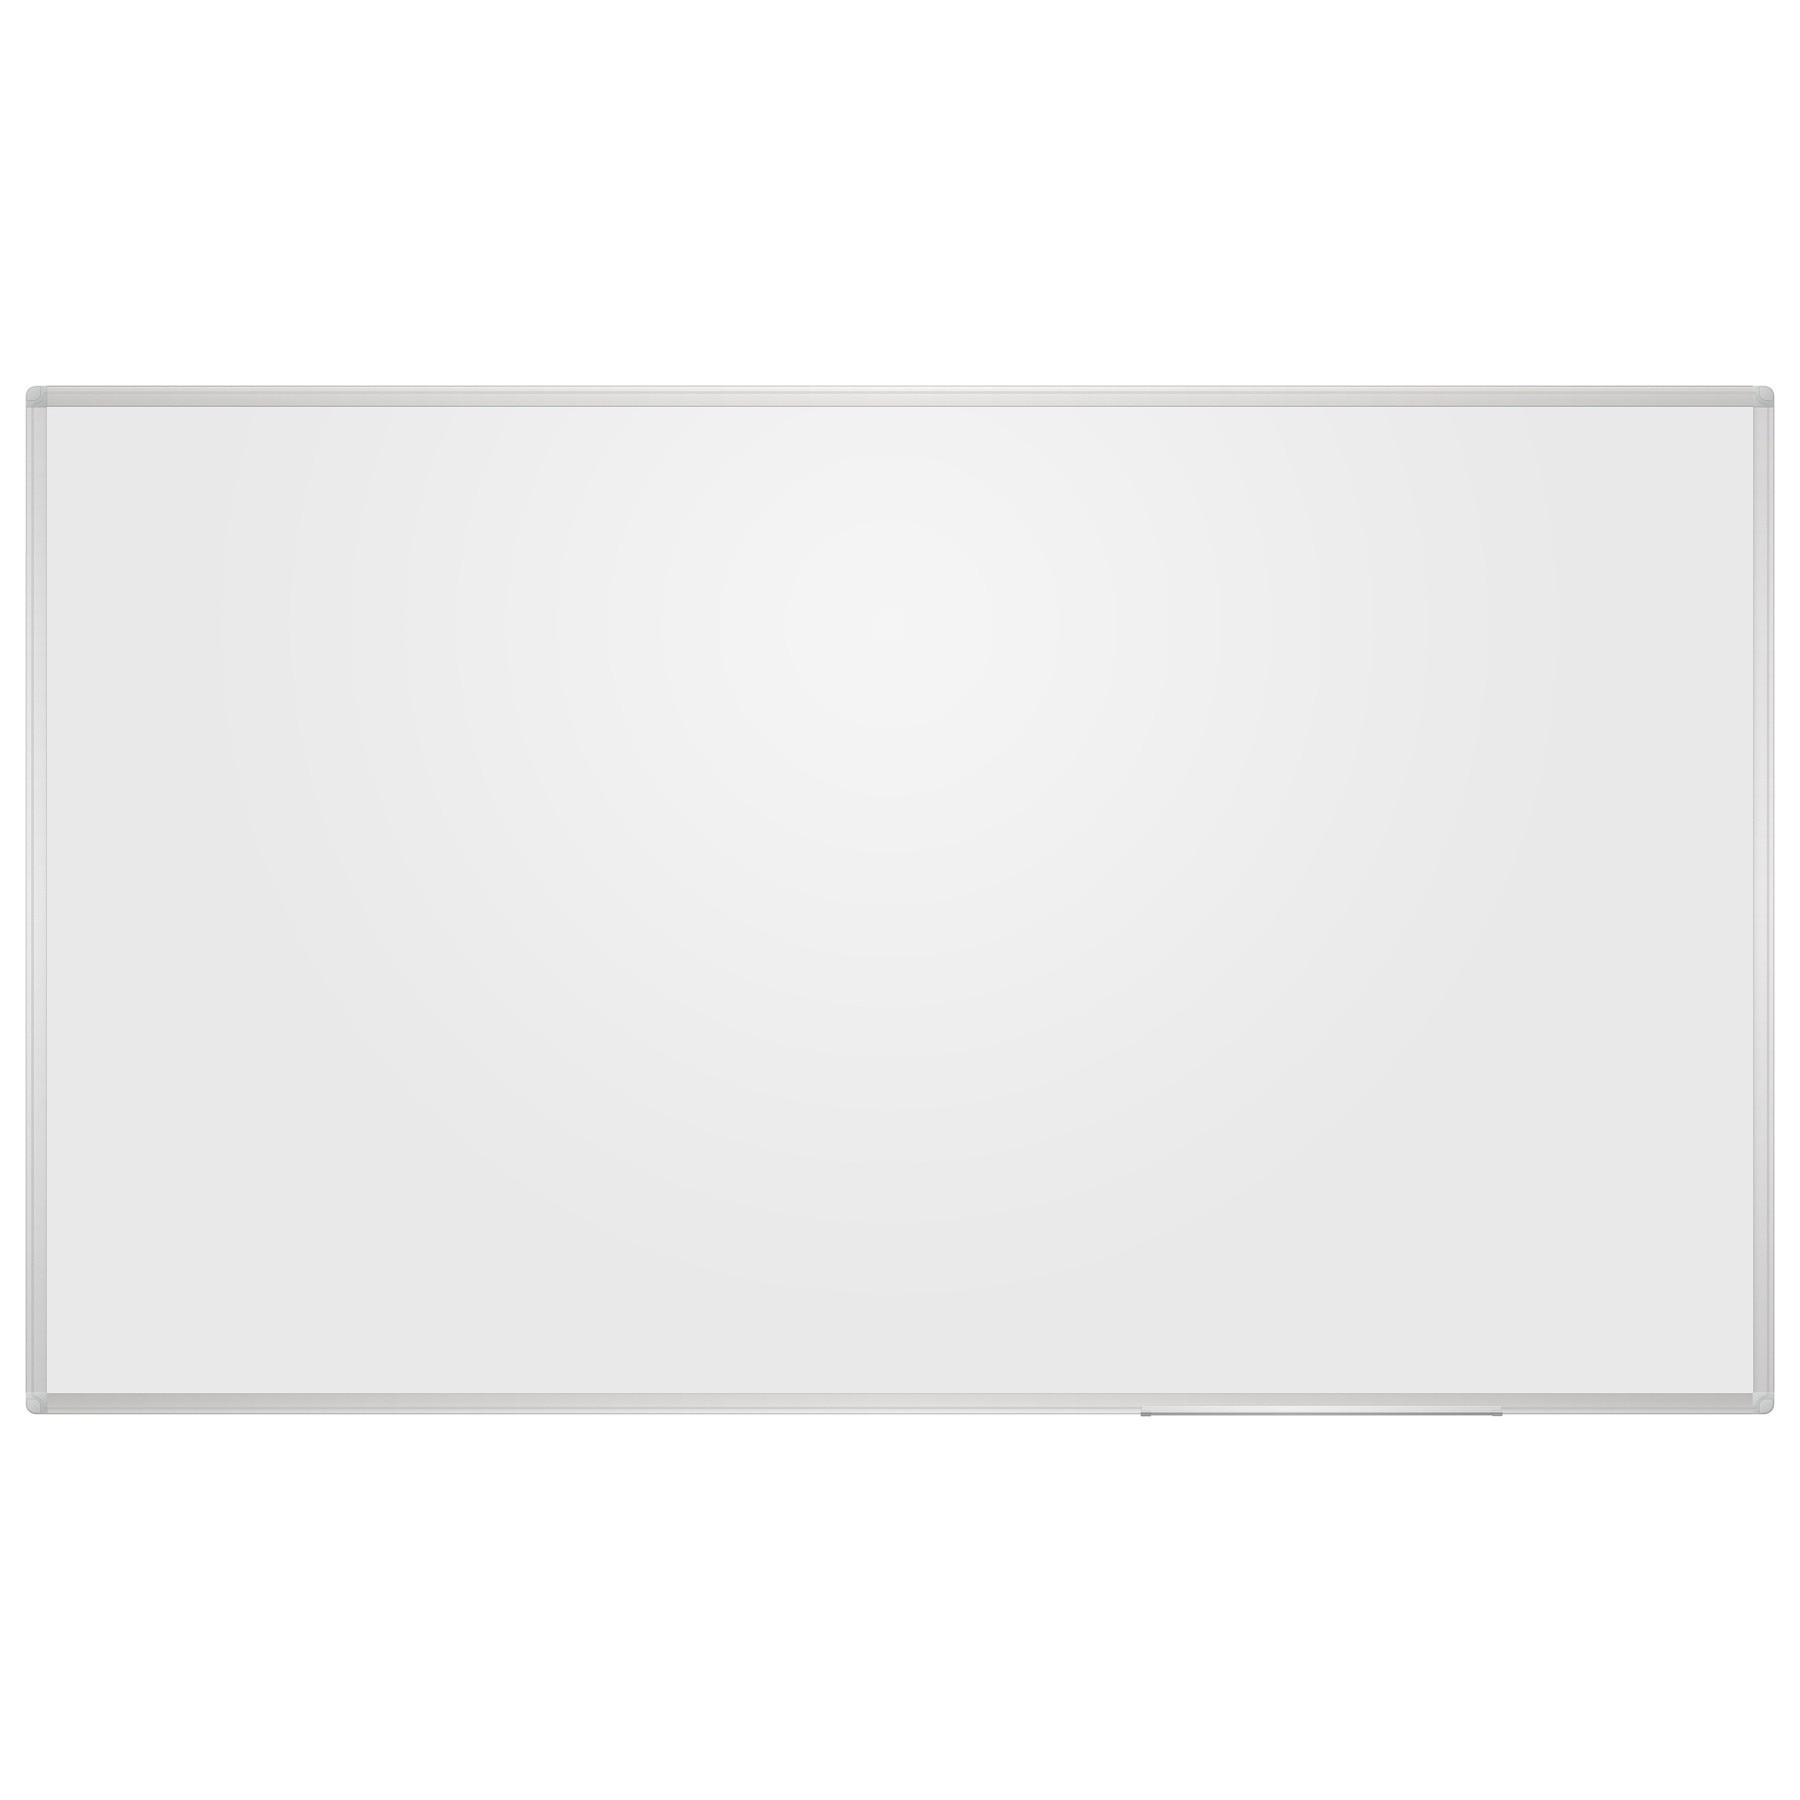 SLATE MELAMINE WHITE MARCO ALUMINUM 'S 150X120cm